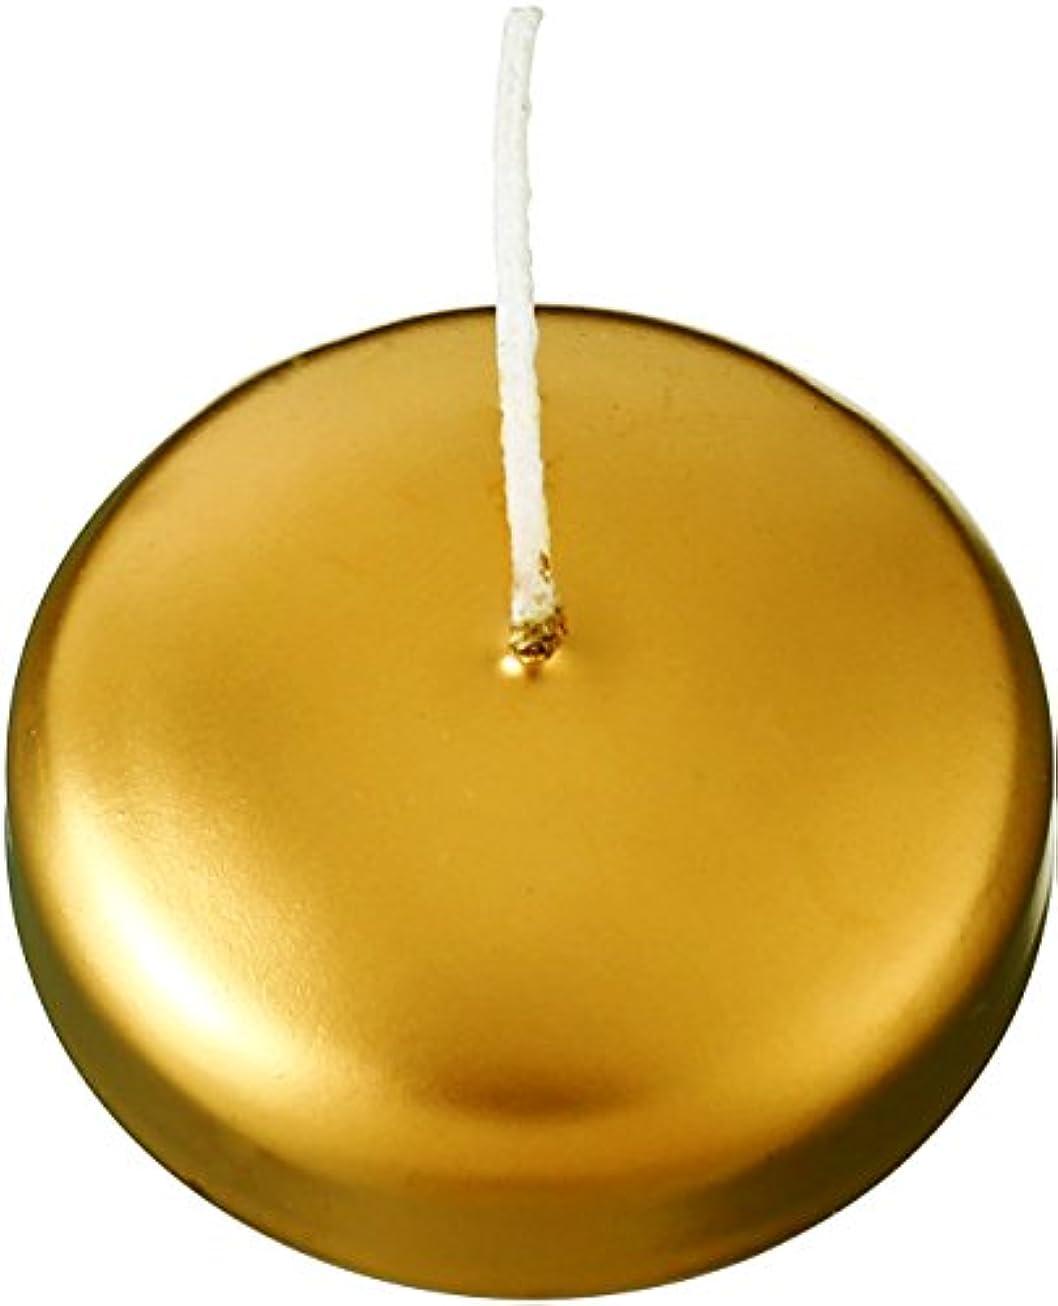 練習不平を言う拍手するカメヤマキャンドルハウス フローティングキャンドル50 ゴールド 12個セット